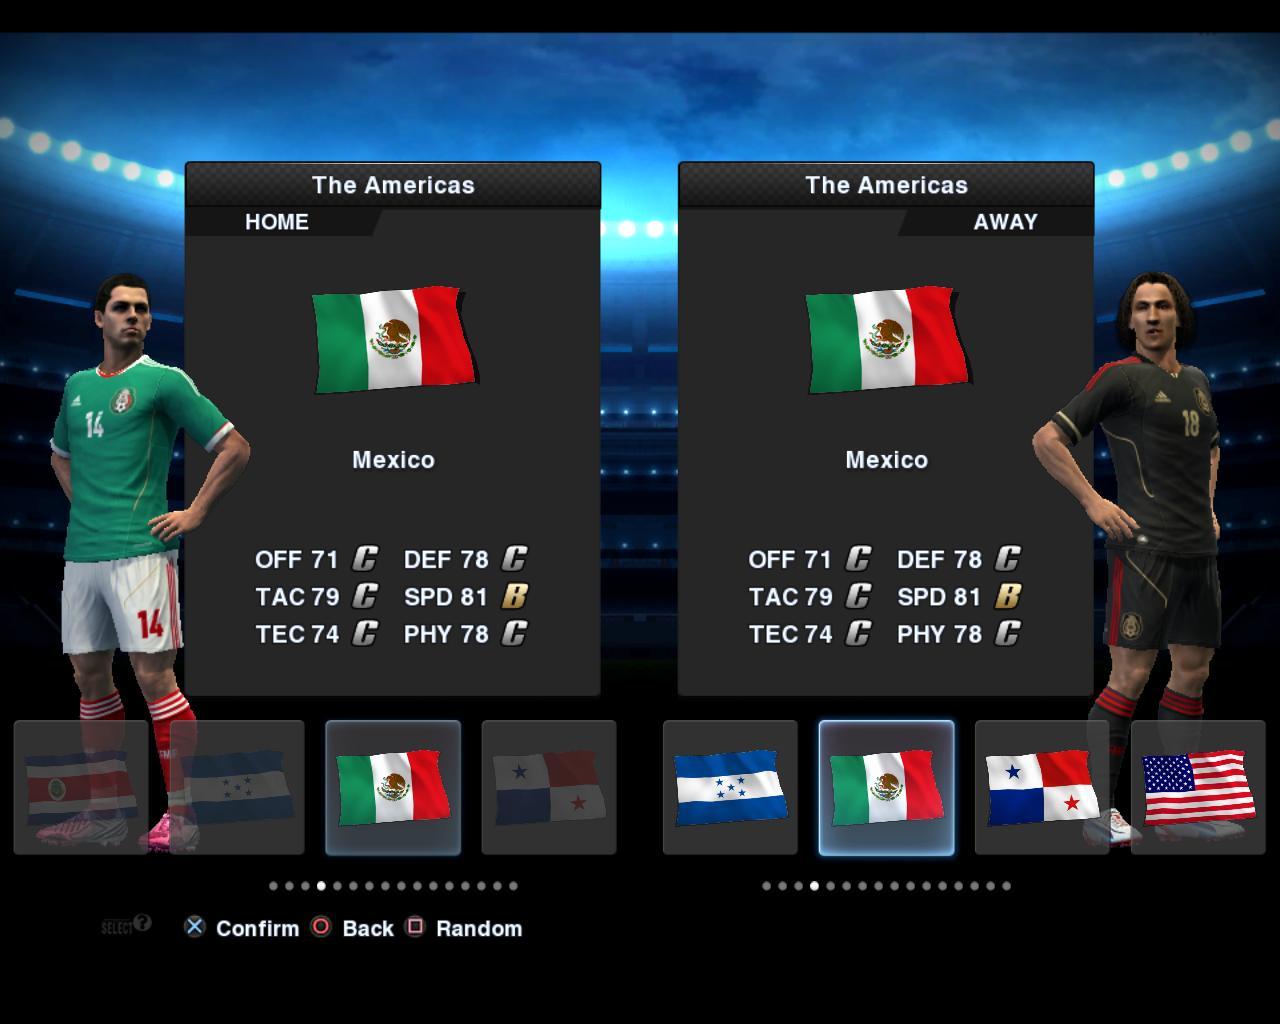 México 2012/13 Kitset - PES 2013